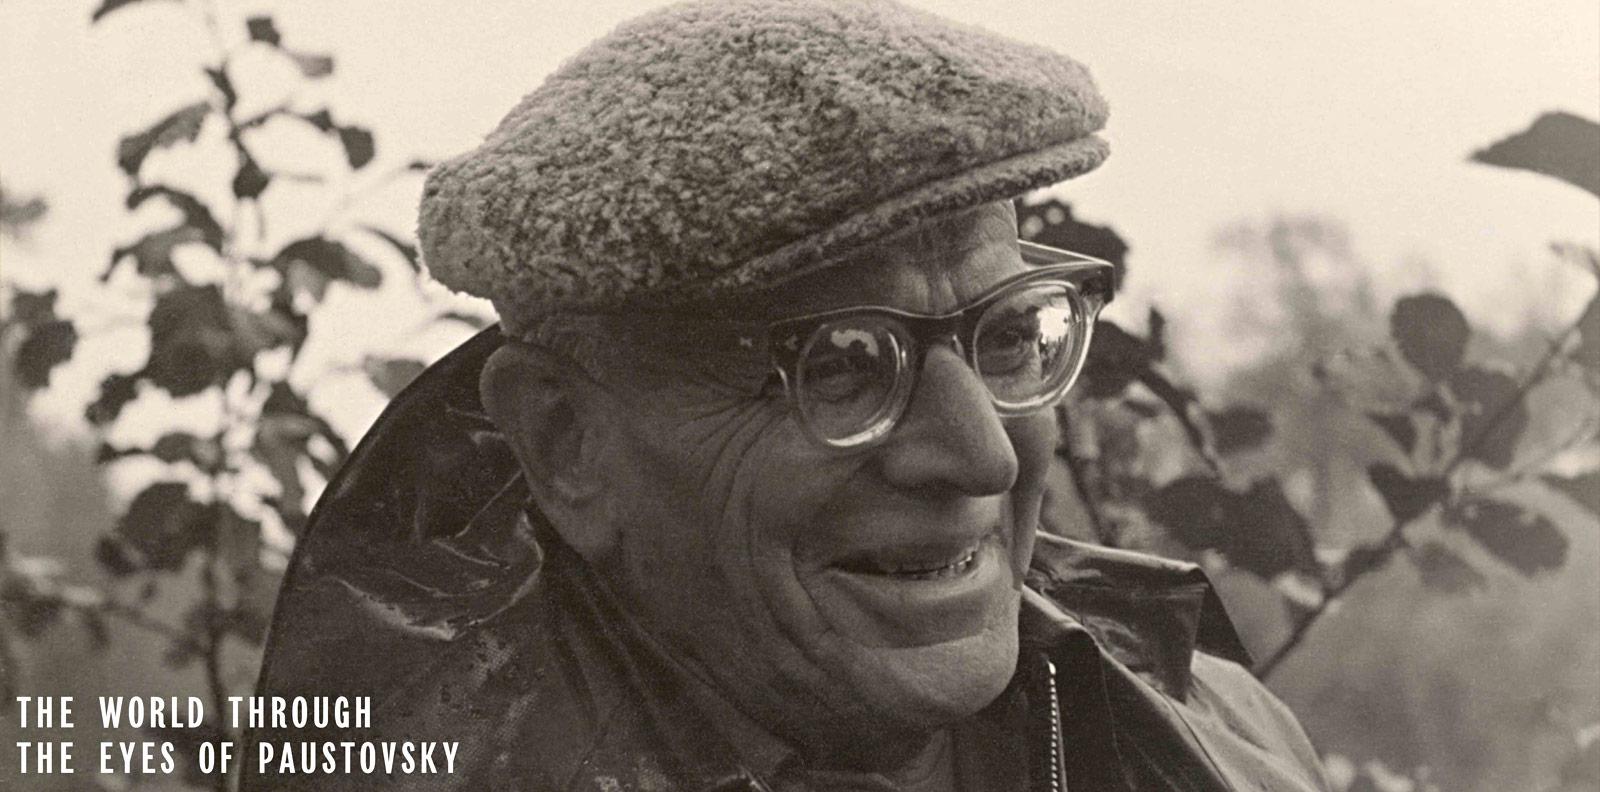 Титульное изображение выставки Россия глазами Паустовского